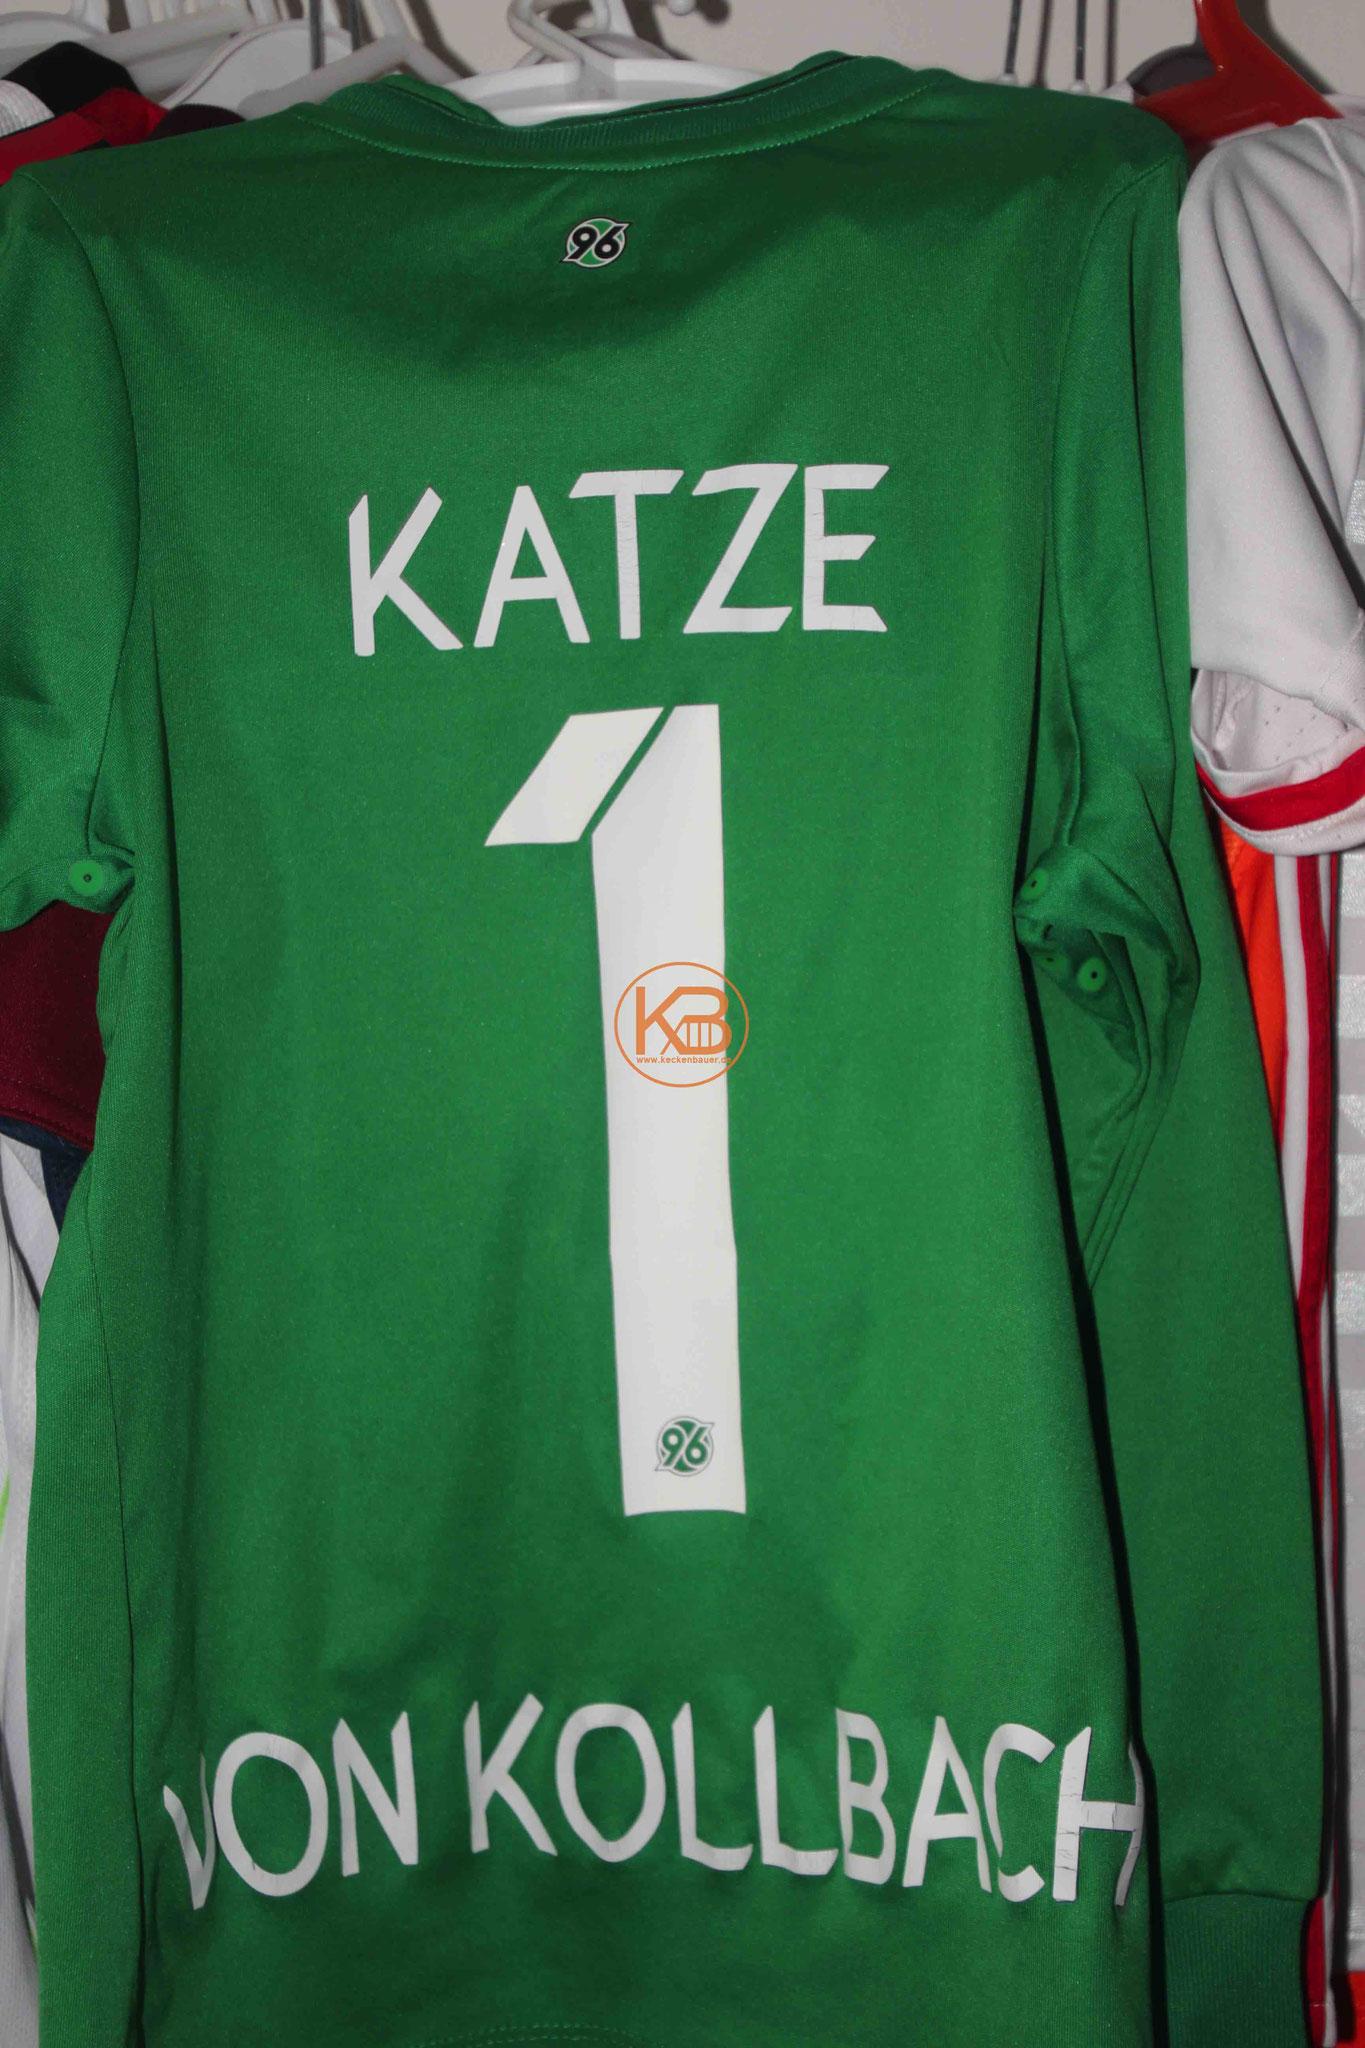 """Sein erstes Trikot mit Eigennamen von Hannover 96 mit der Nummer 1 und der """"Katze von Kollbach"""" 2/2"""